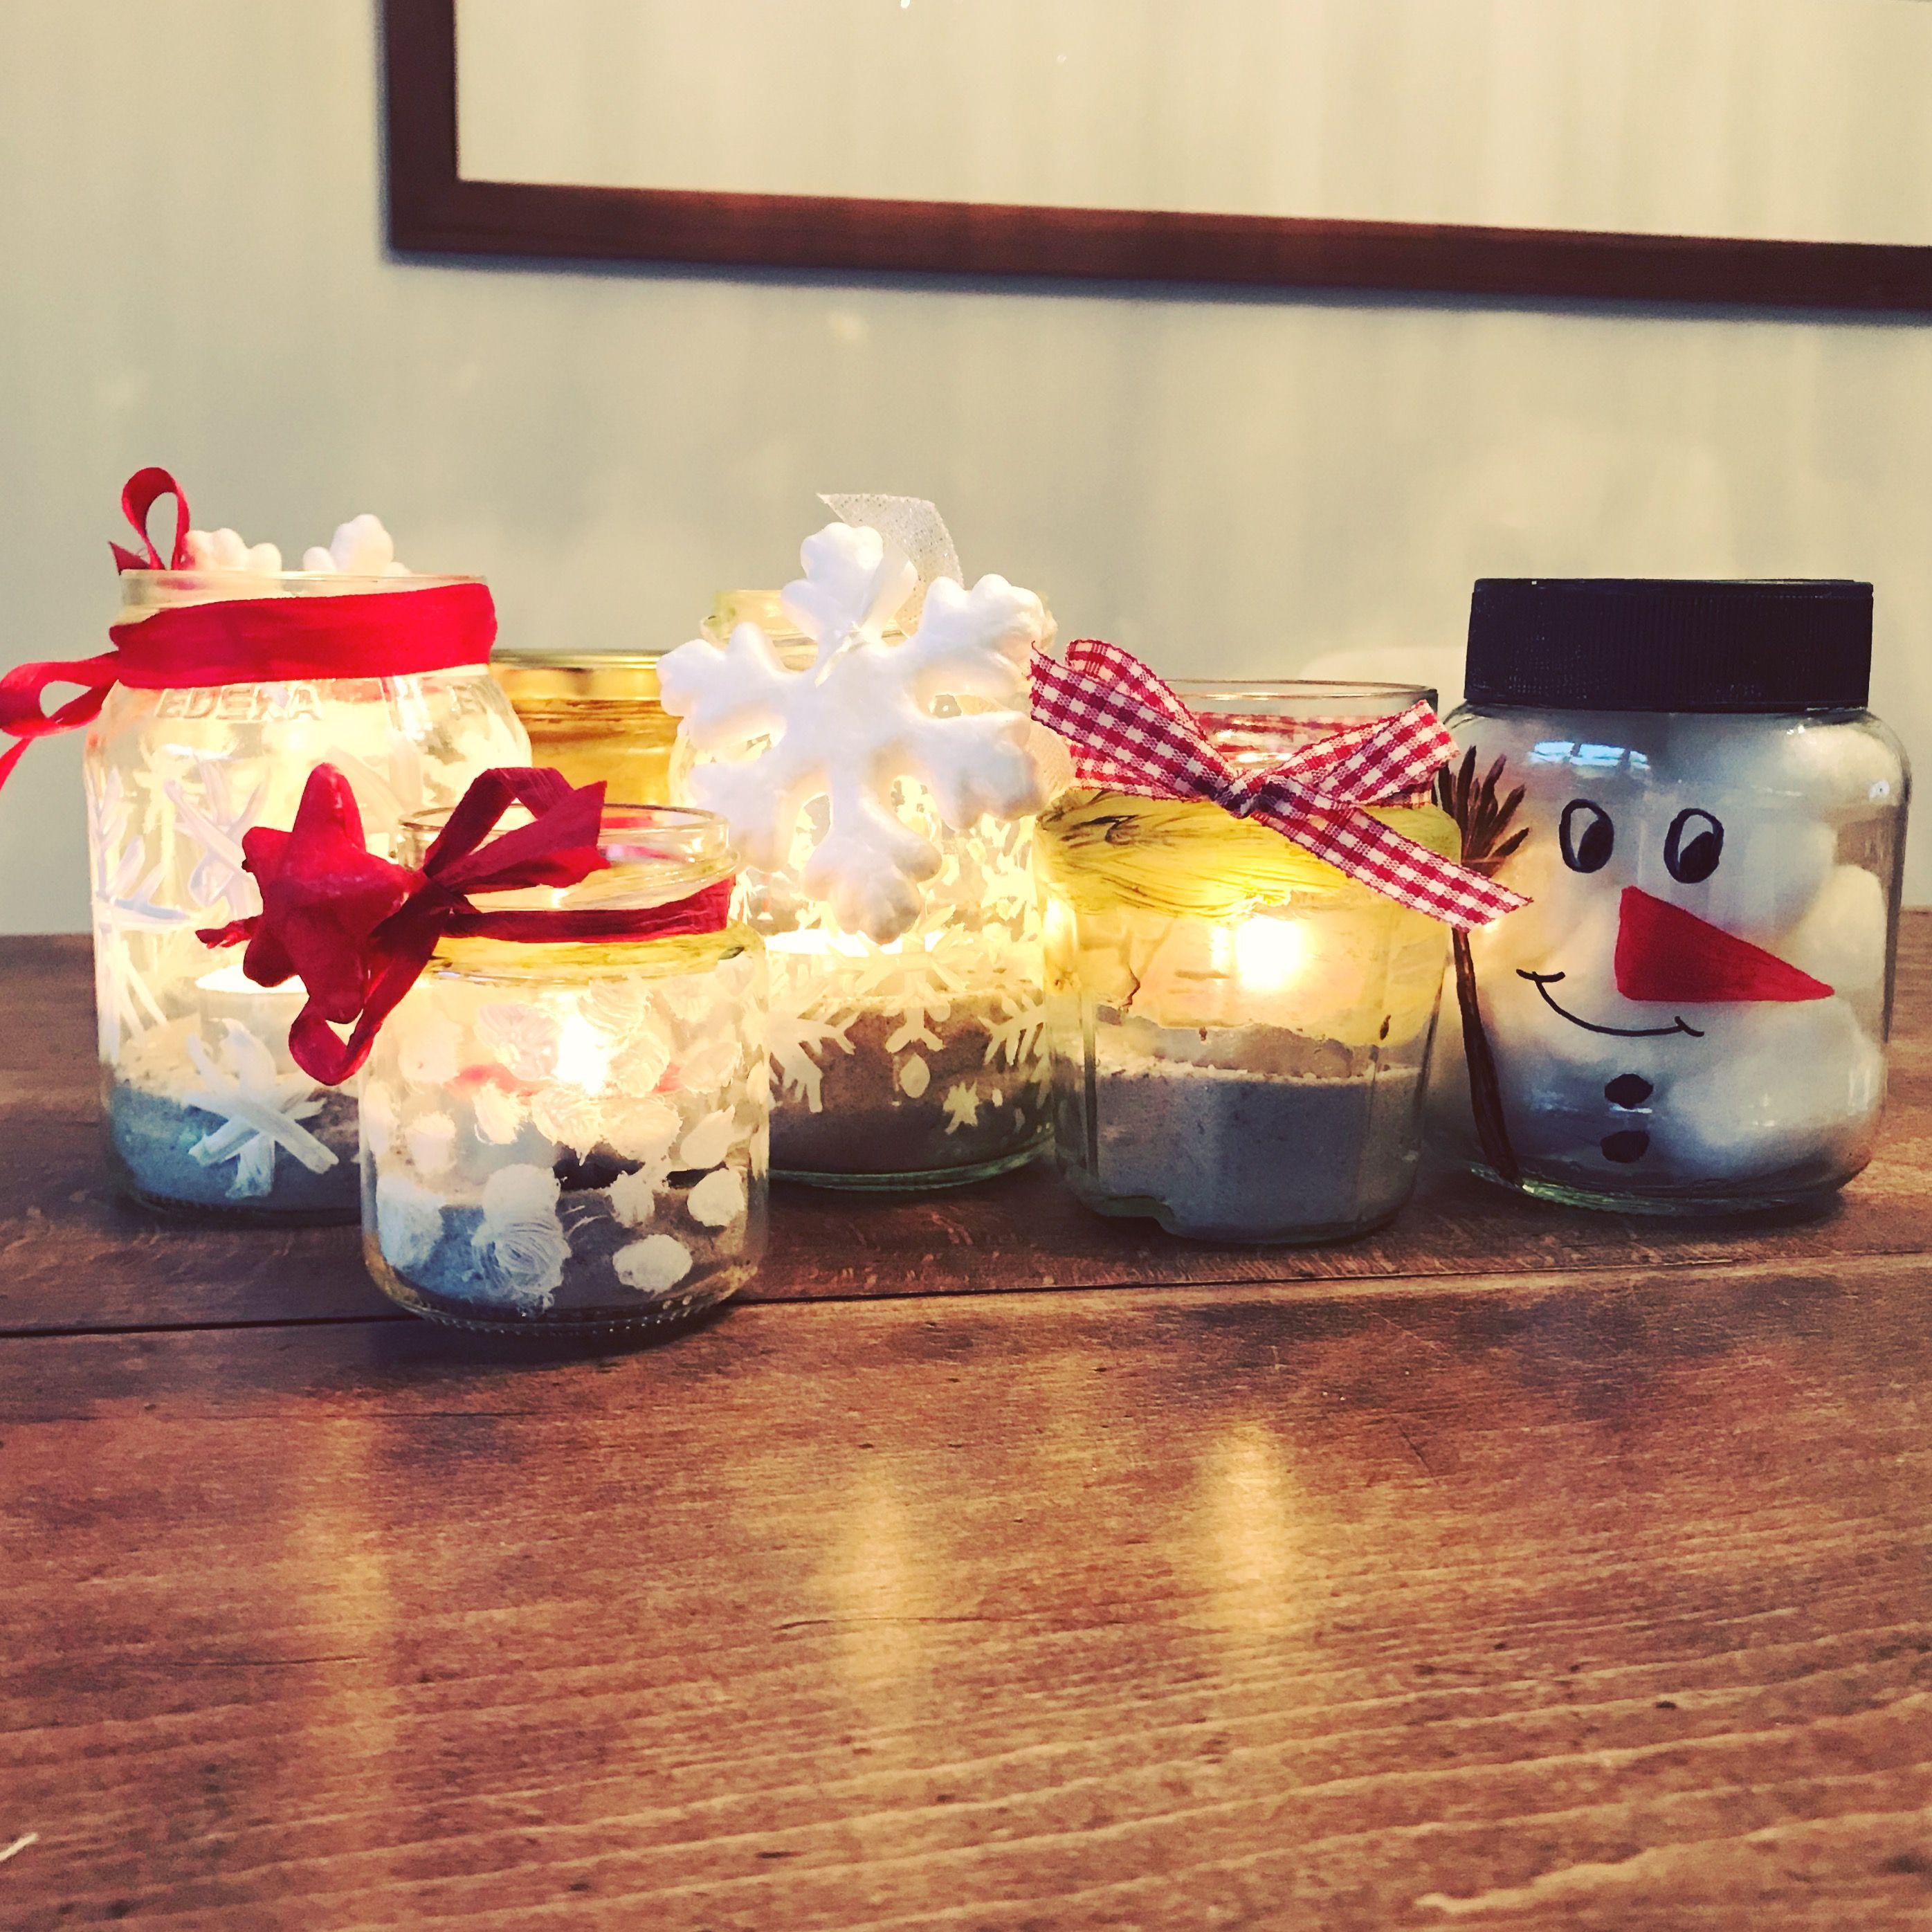 Weihnachten Basteln Weihnachtsbasteln Geschenk Glas